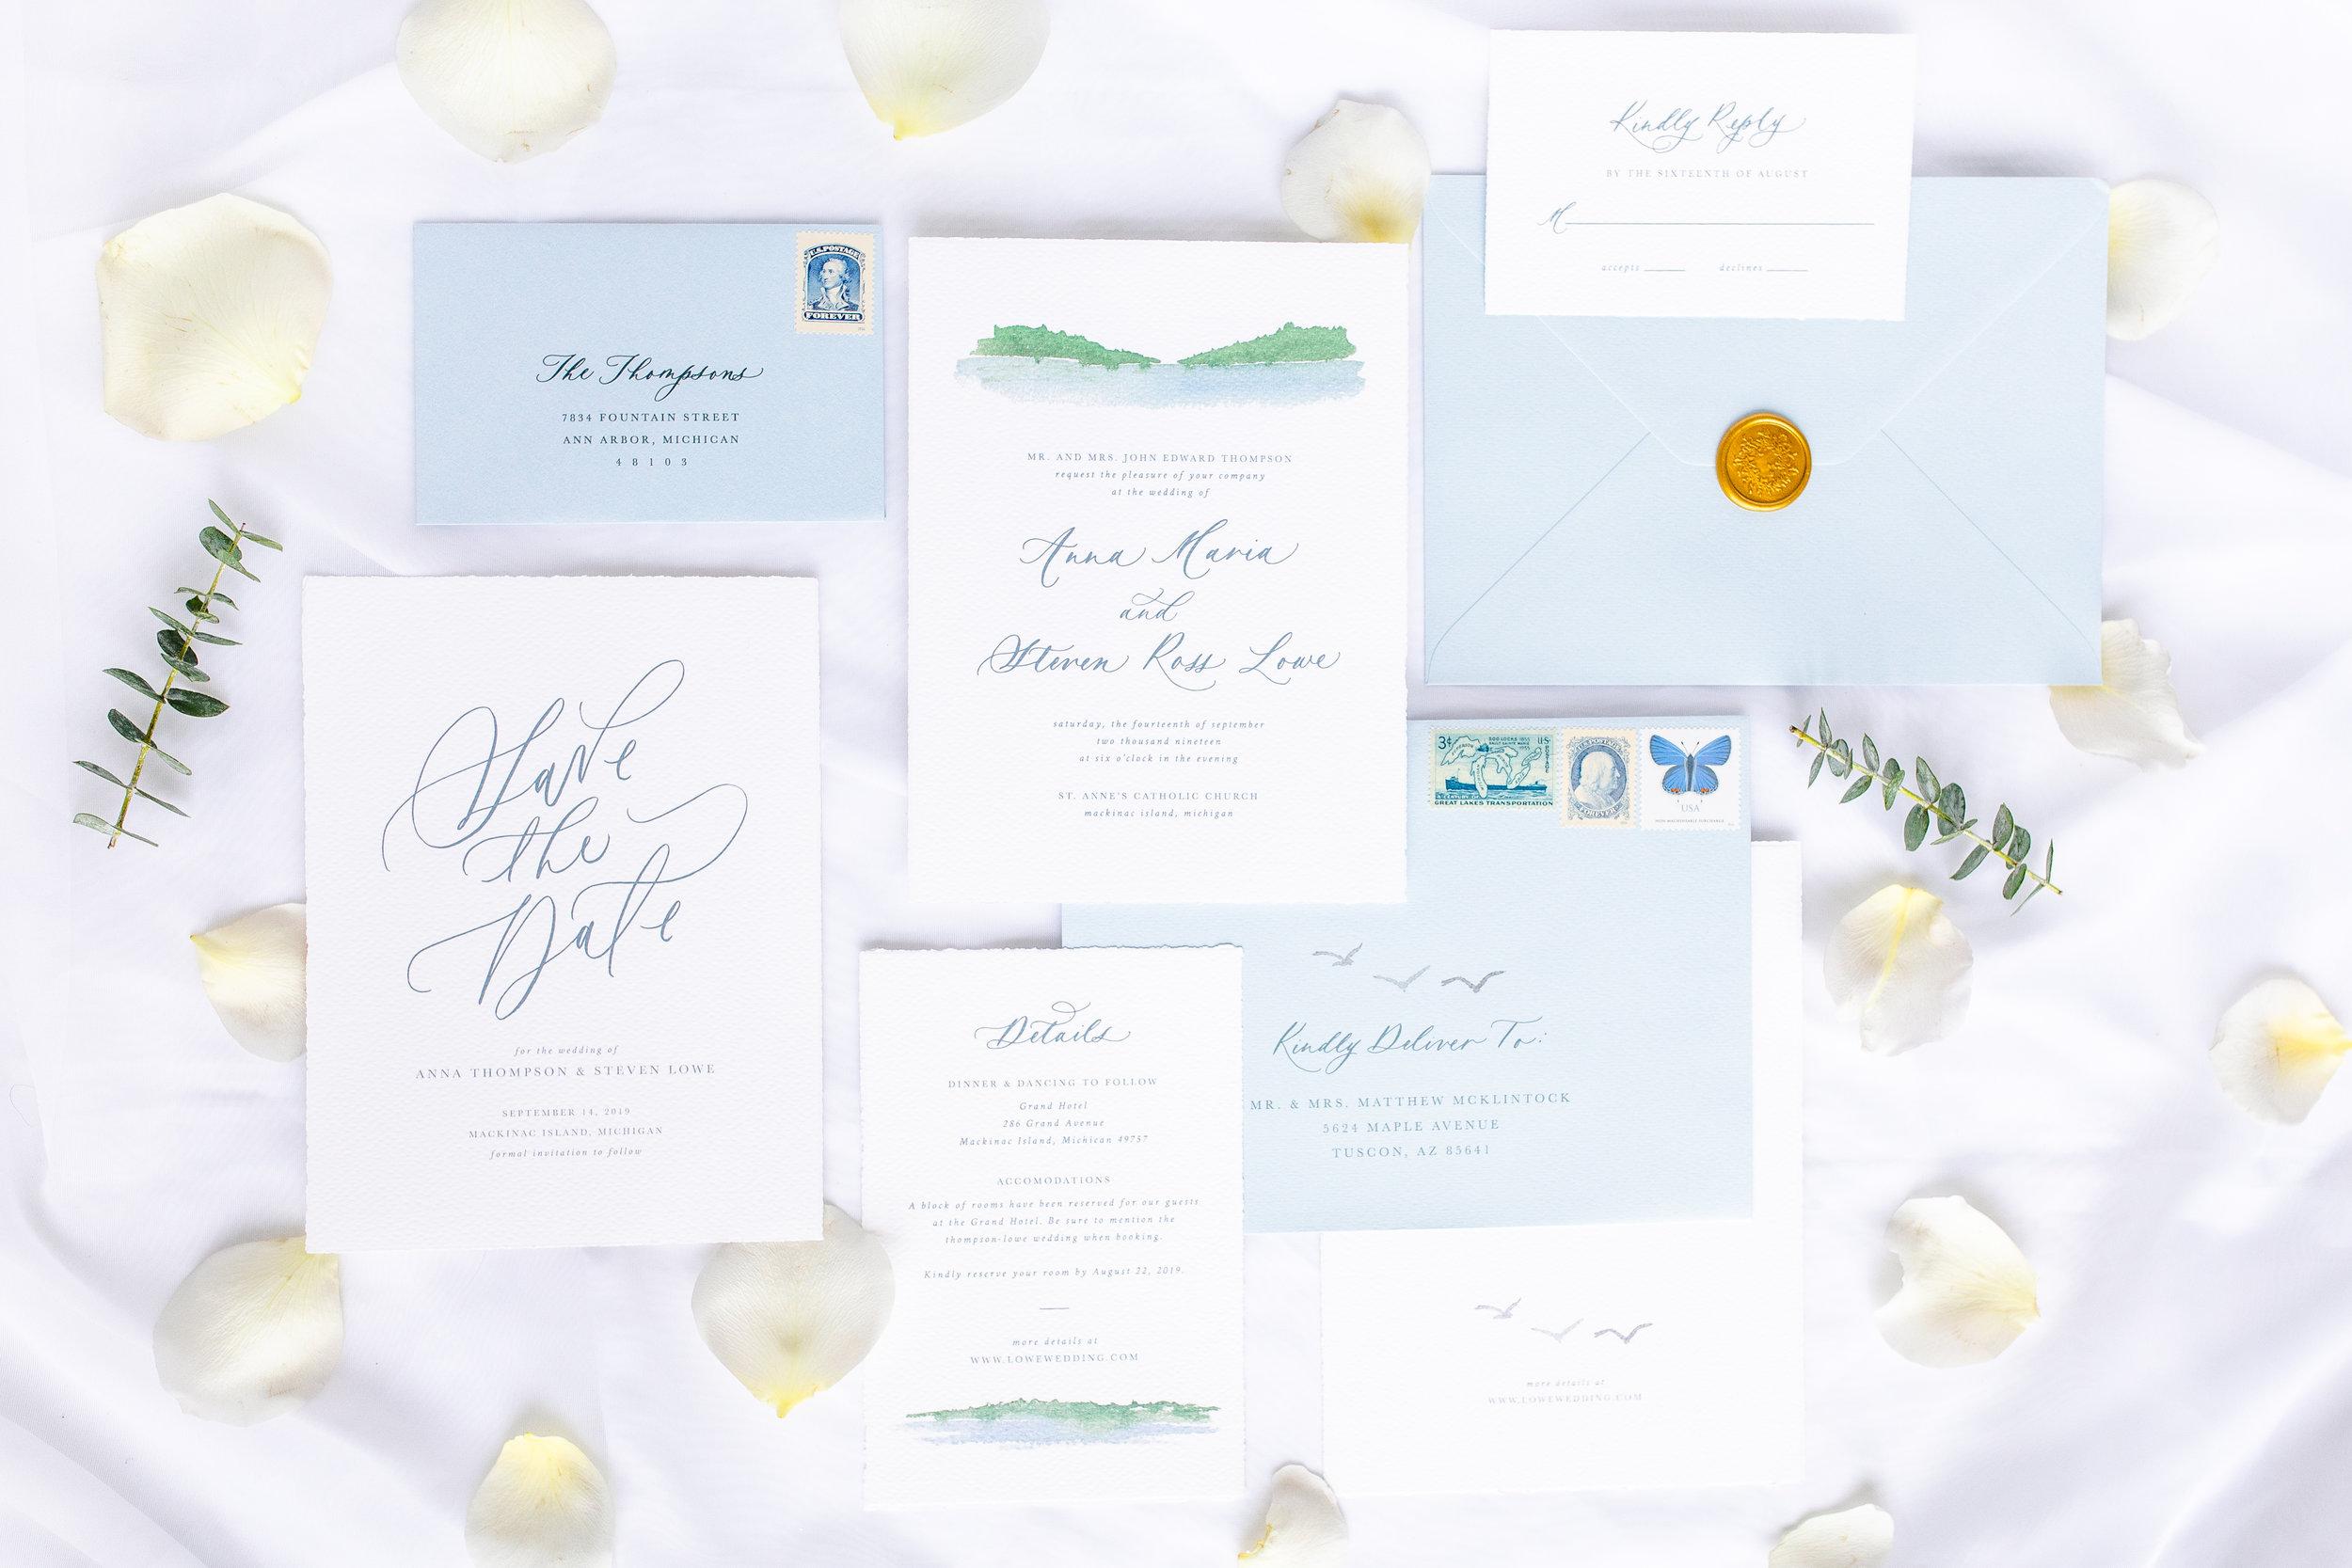 Fine Art Destination Wedding Invitations Watercolor